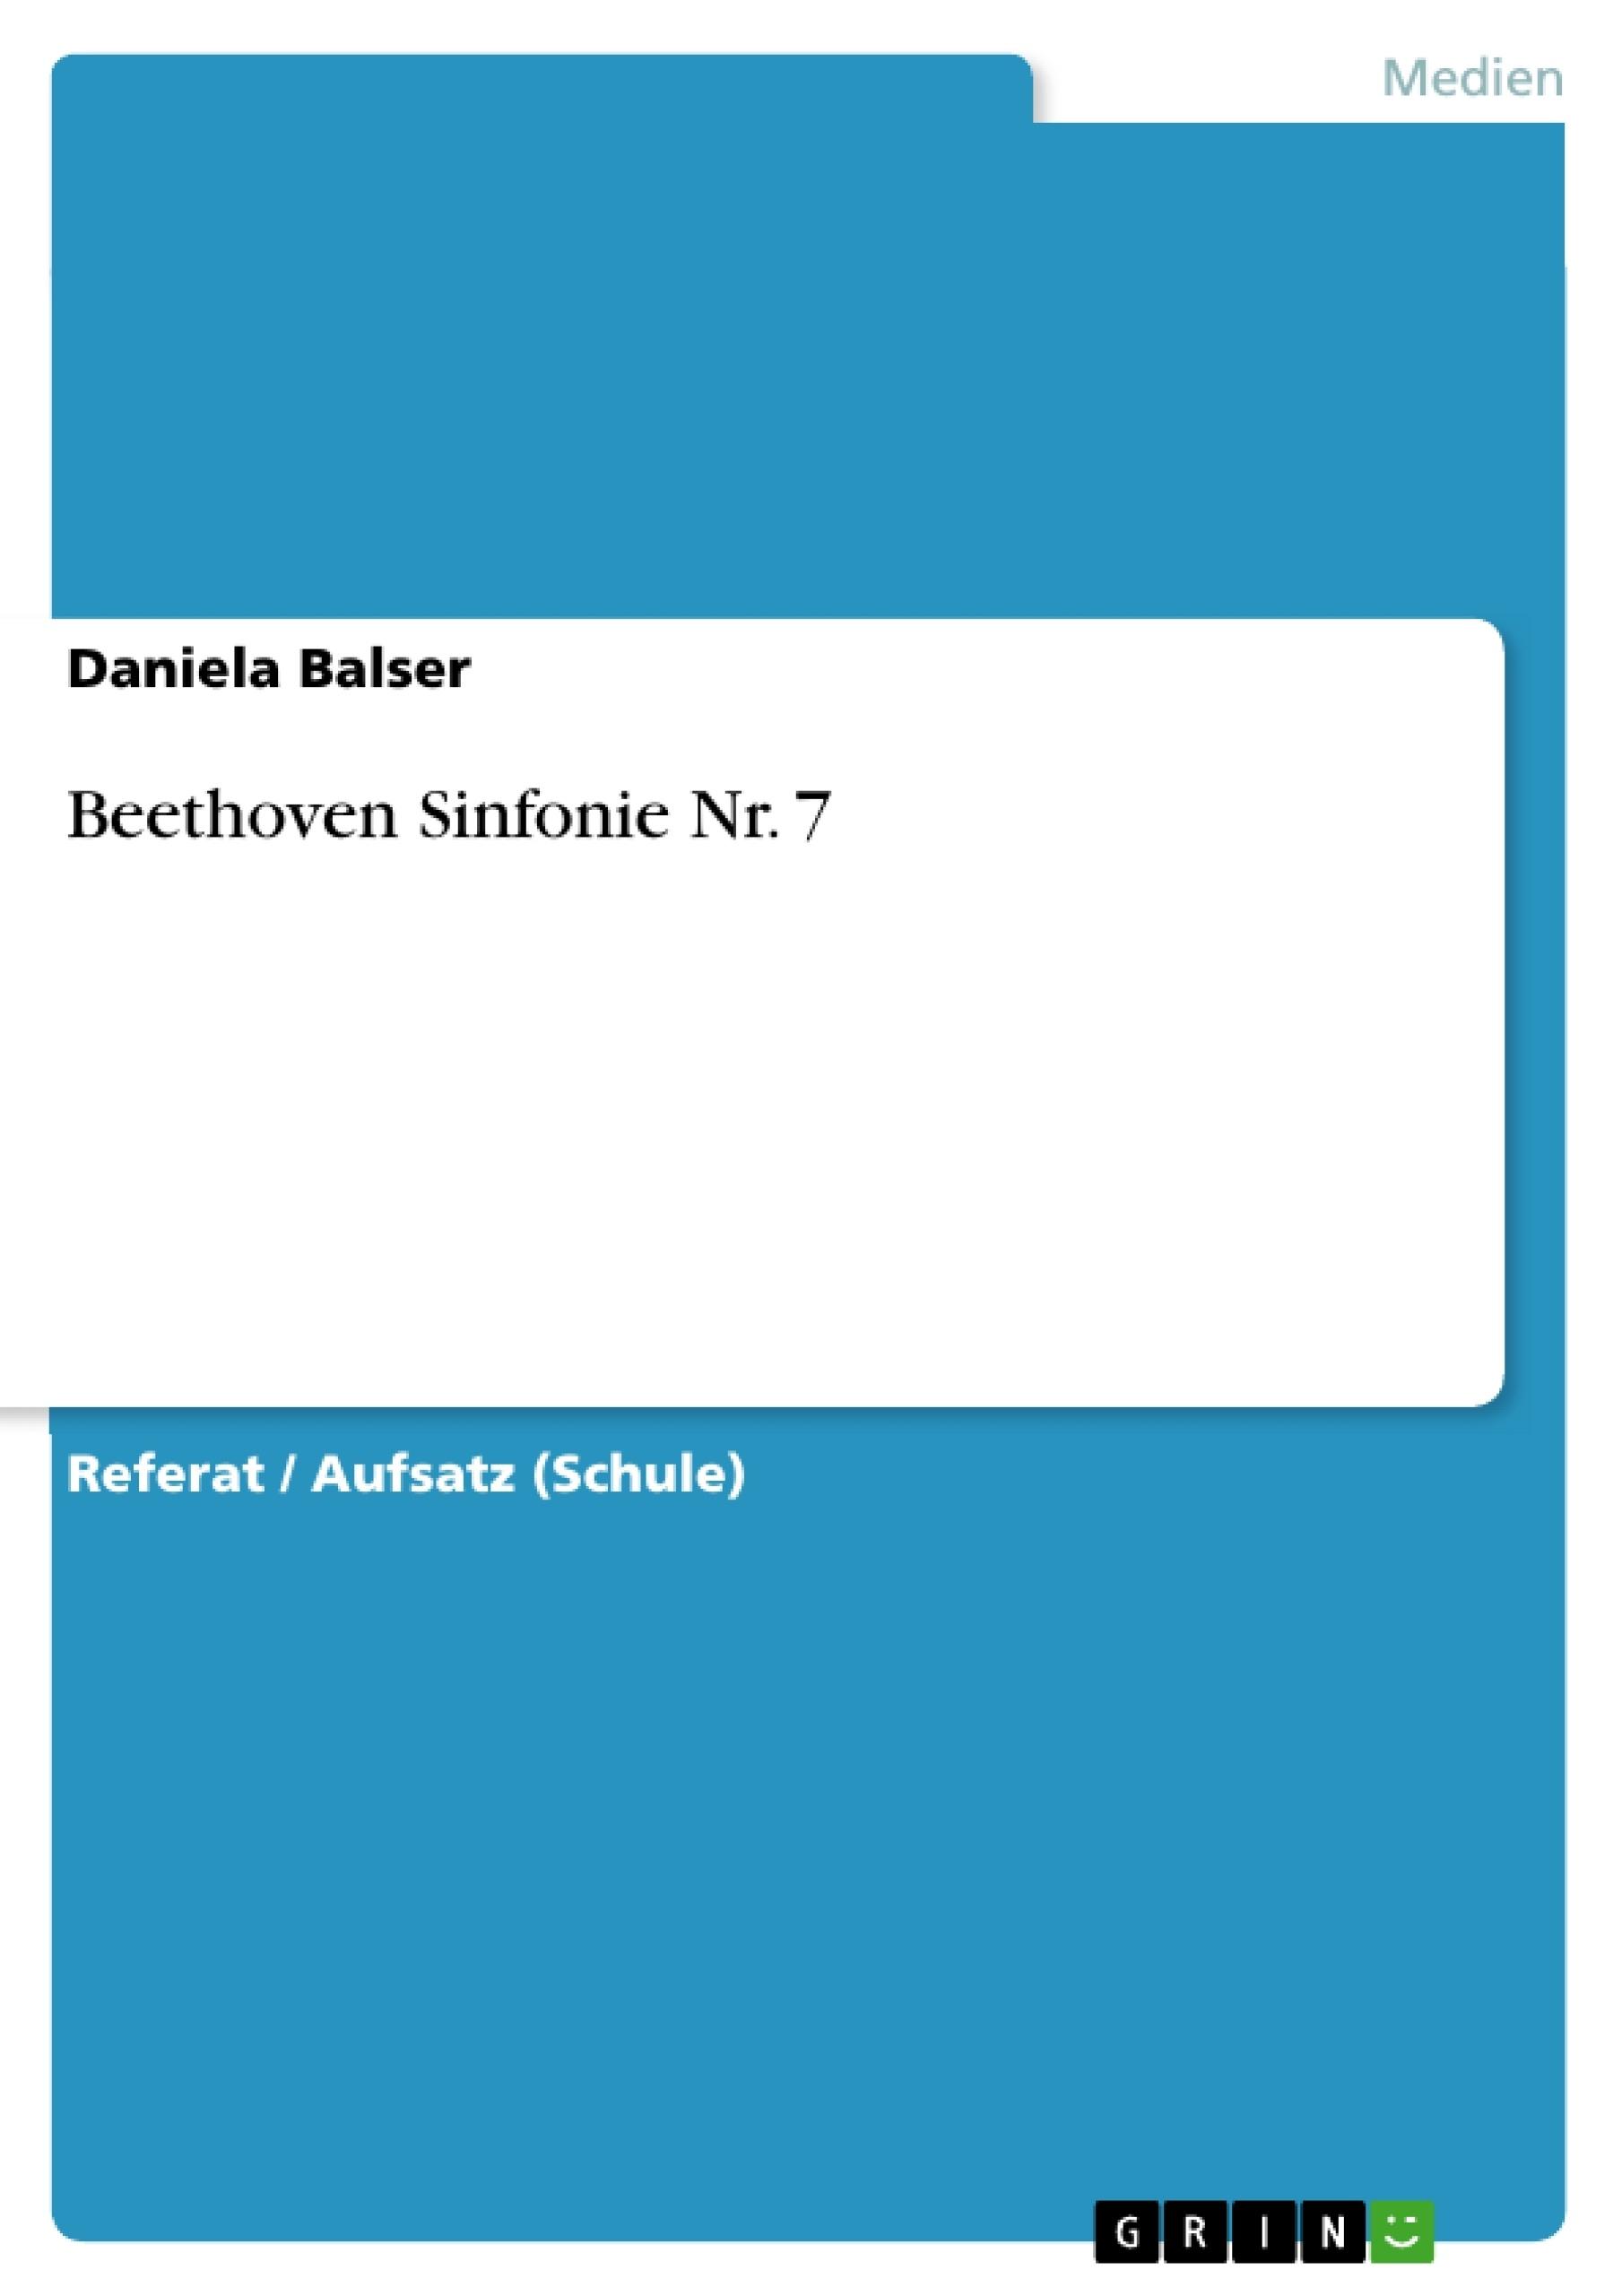 Titel: Beethoven Sinfonie Nr. 7